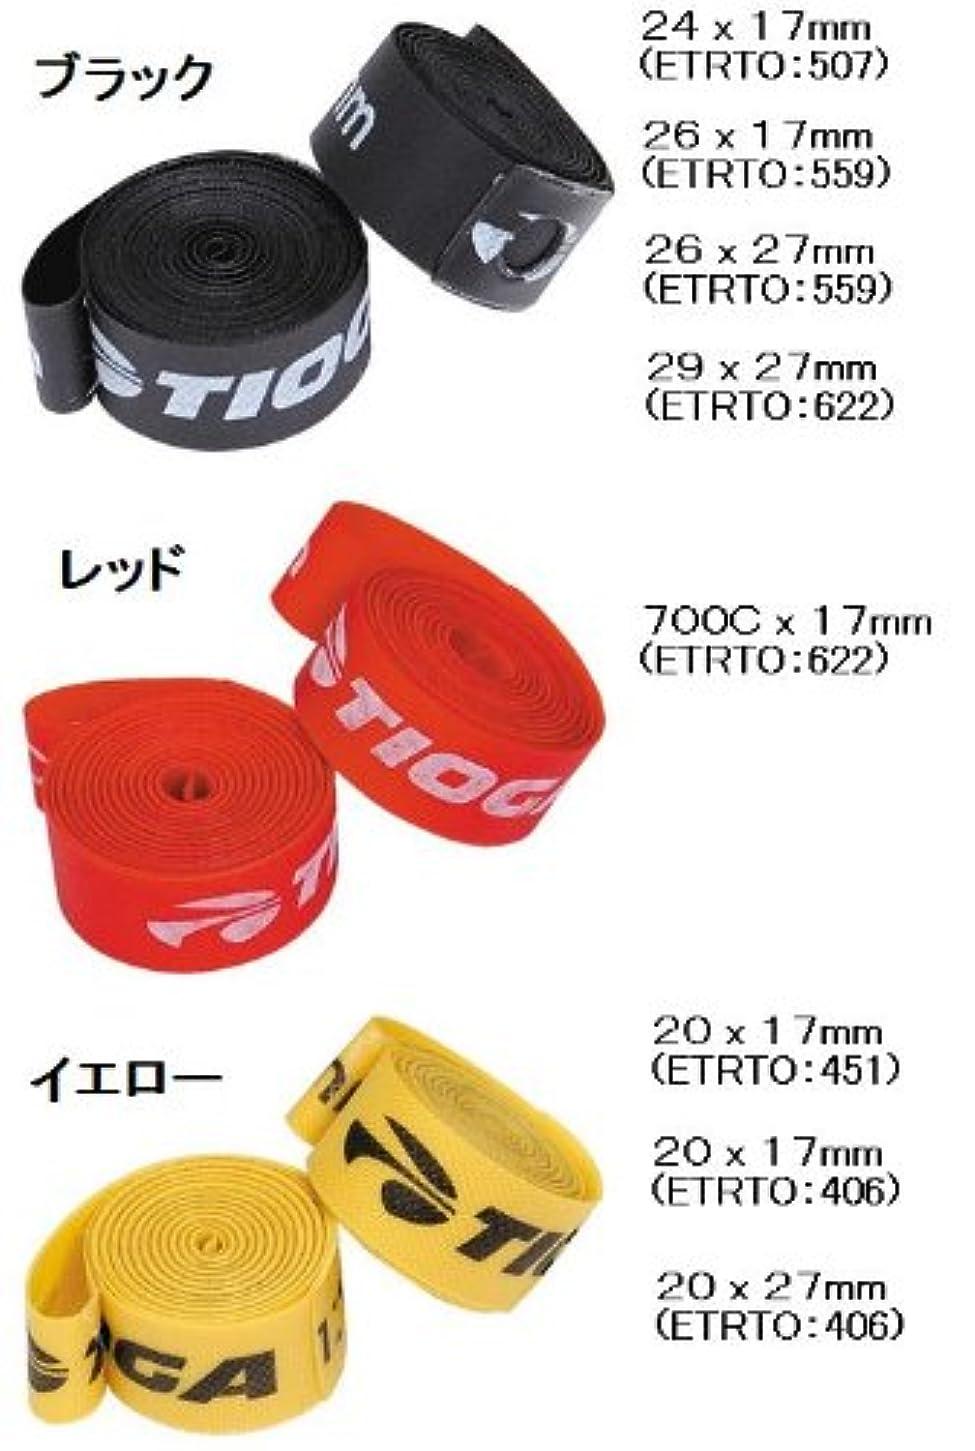 弁護士退屈効能あるTIOGA Nylon Rim Tape (リムテープ) タイオガ ナイロンリムテープ 24x17mm/507/ブラック/TIF01900